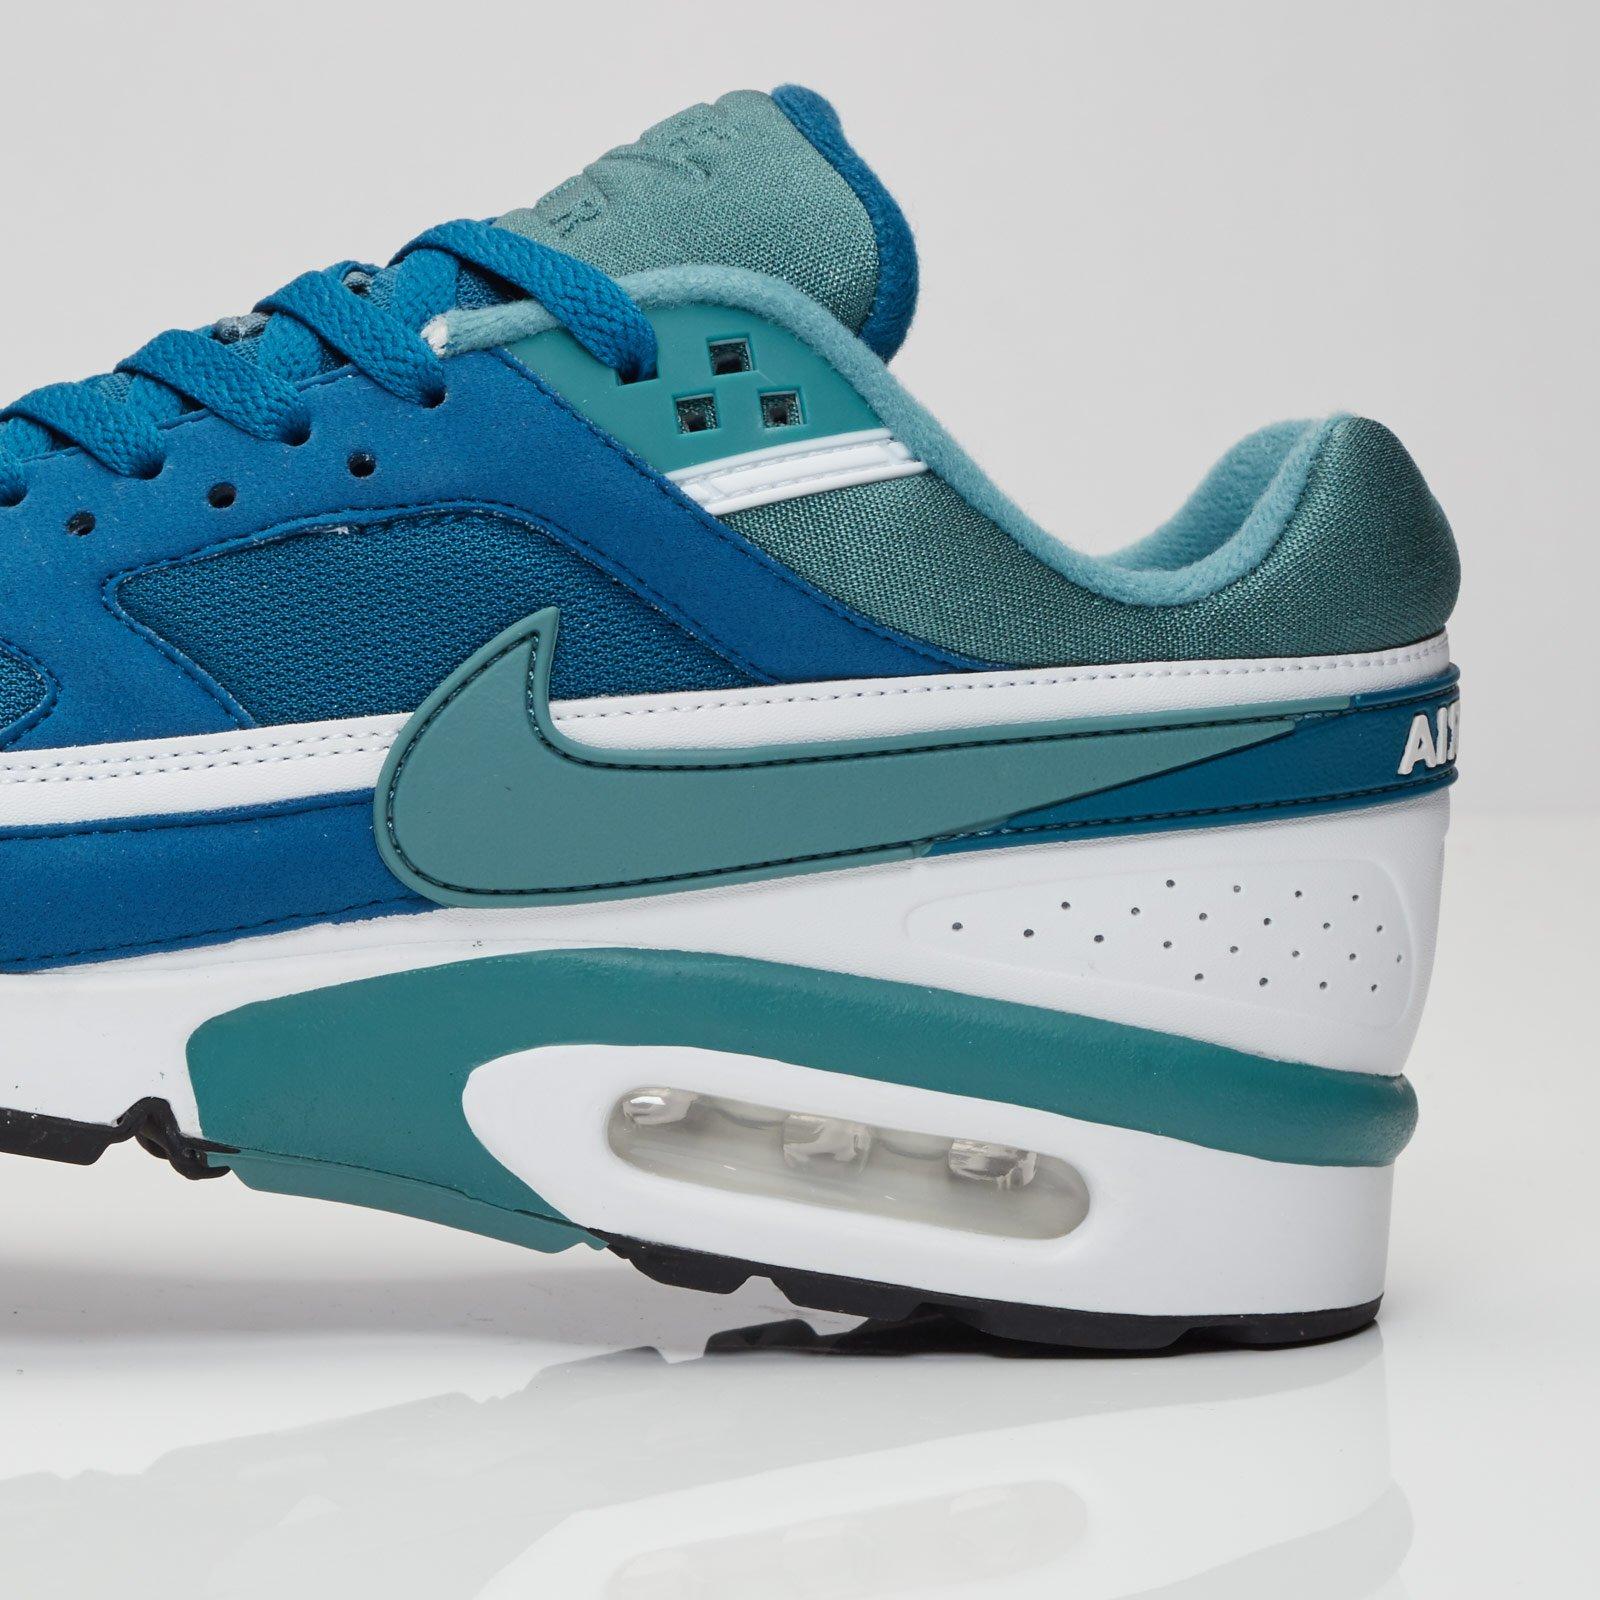 9724b30162 Nike Air Max BW OG - 819522-401 - Sneakersnstuff | sneakers & streetwear  online since 1999